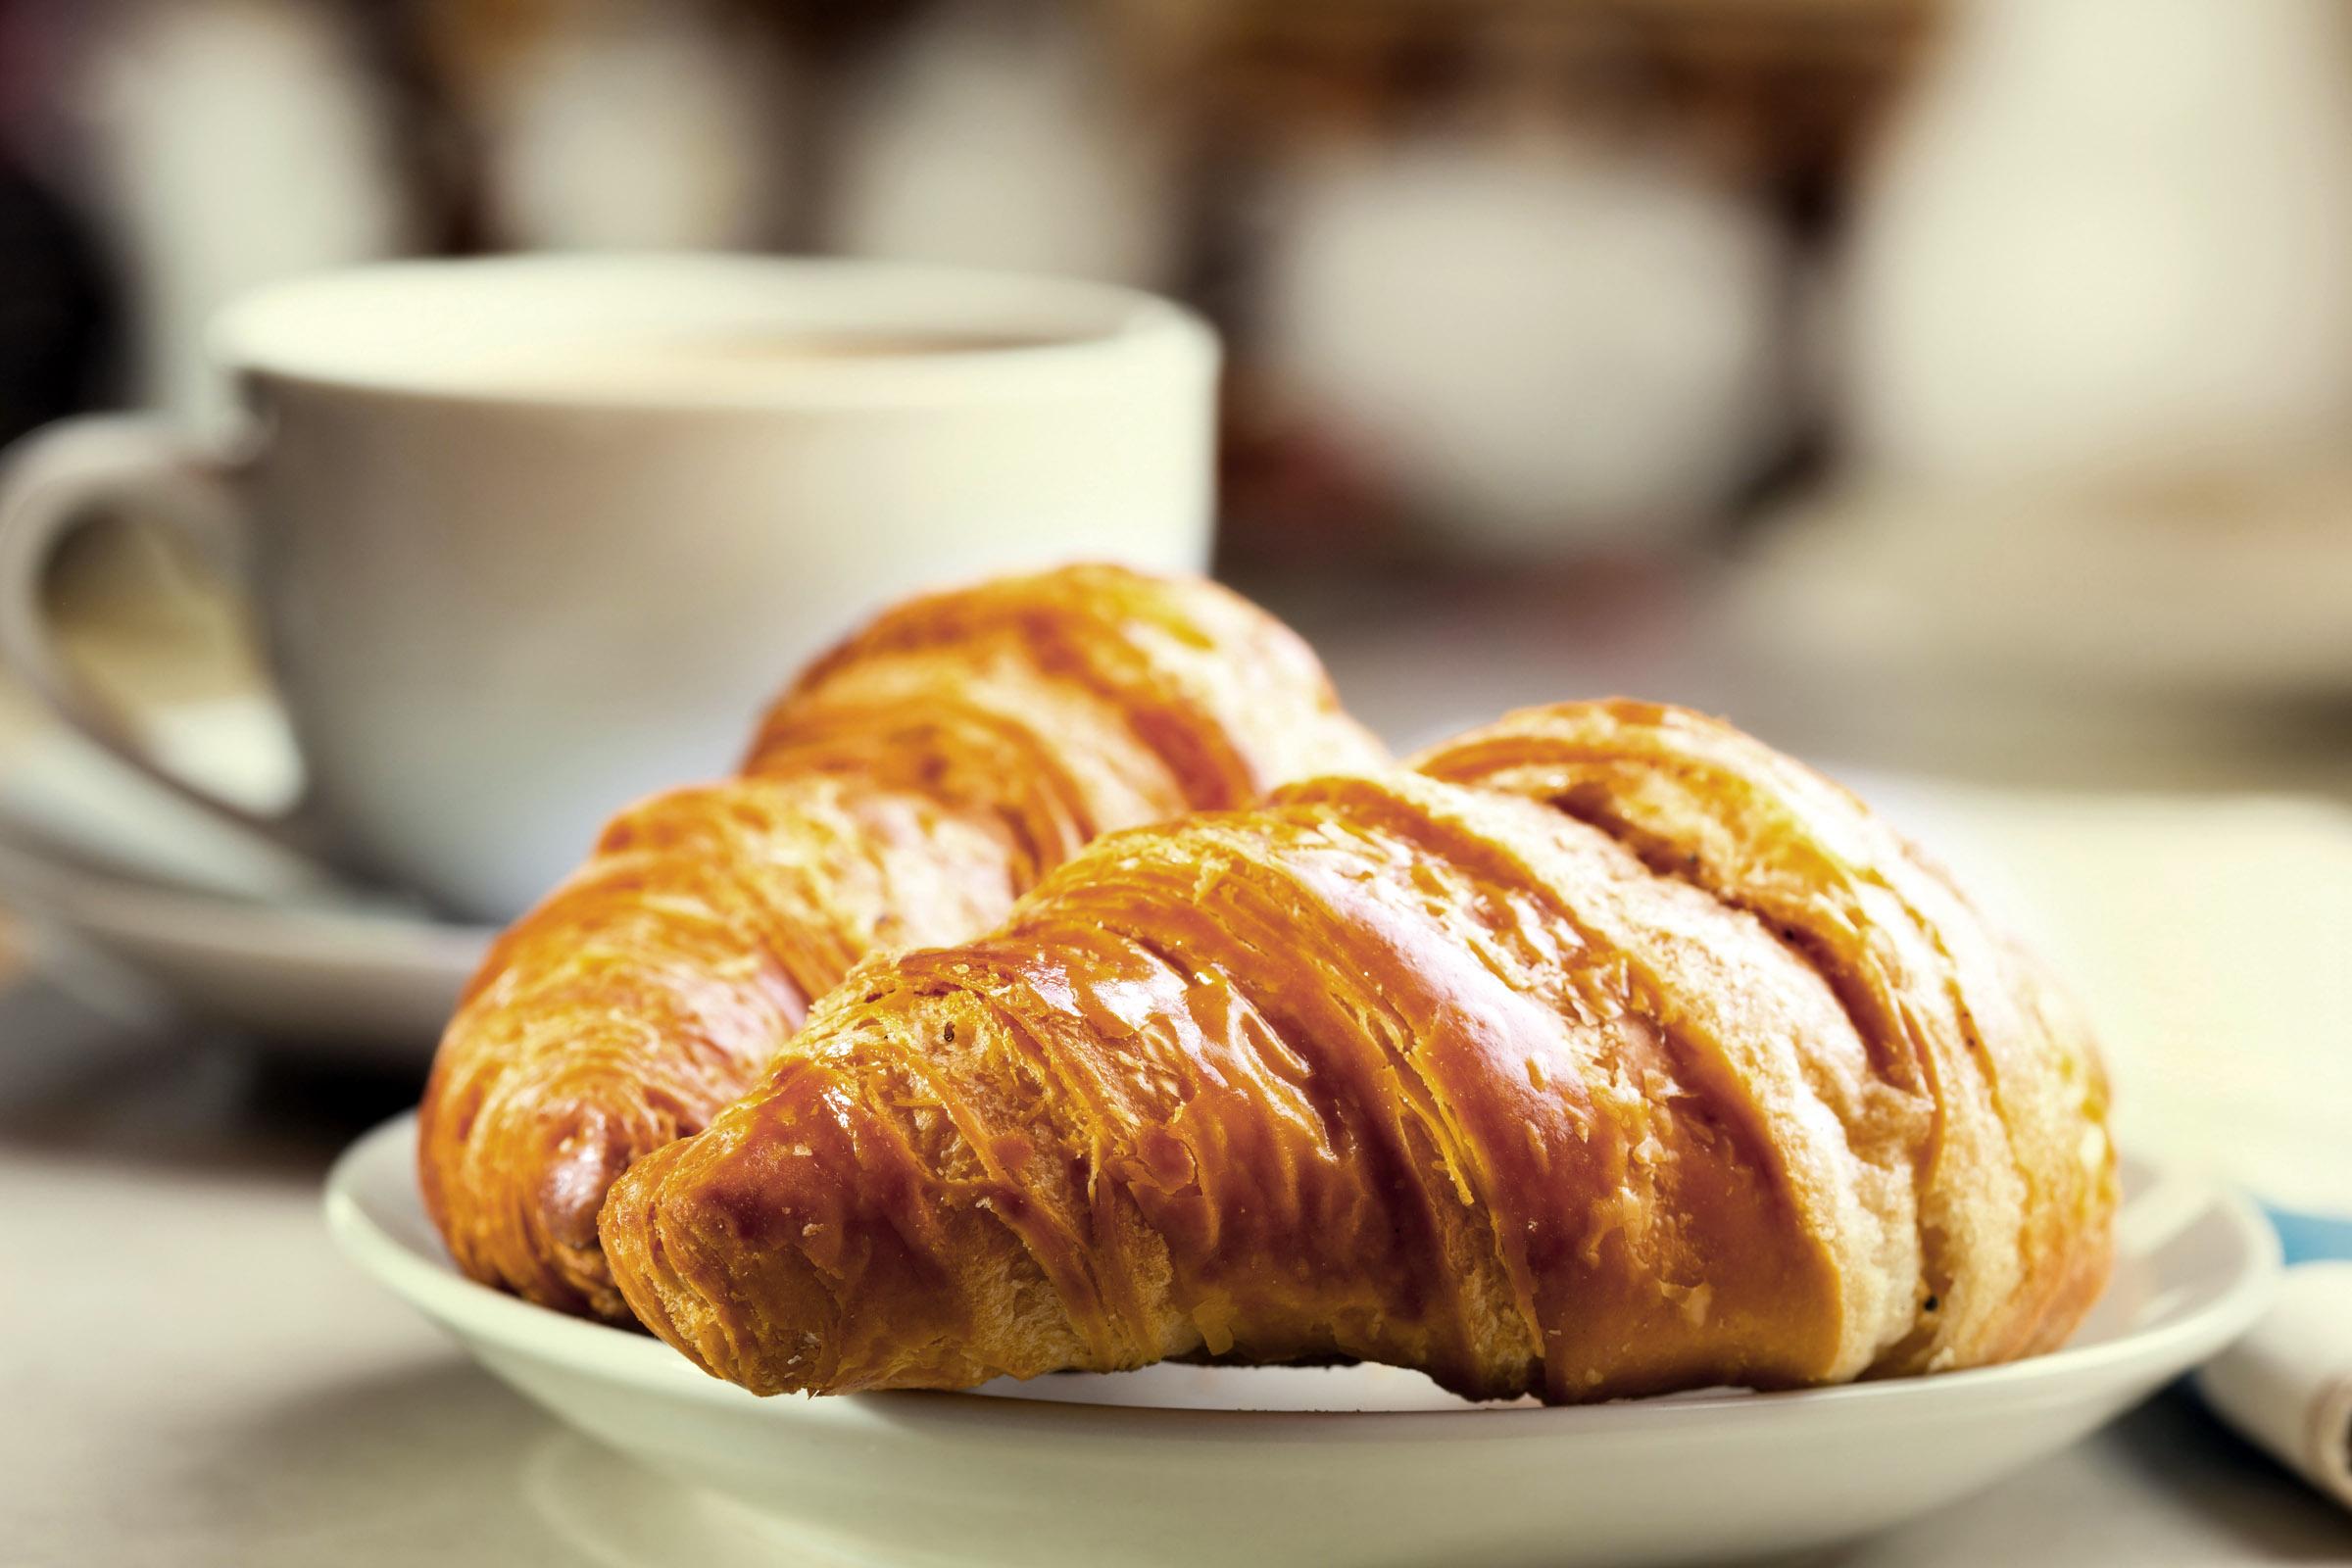 Das Post Freilassing   Mit einem guten Frühstück in den Tag starten